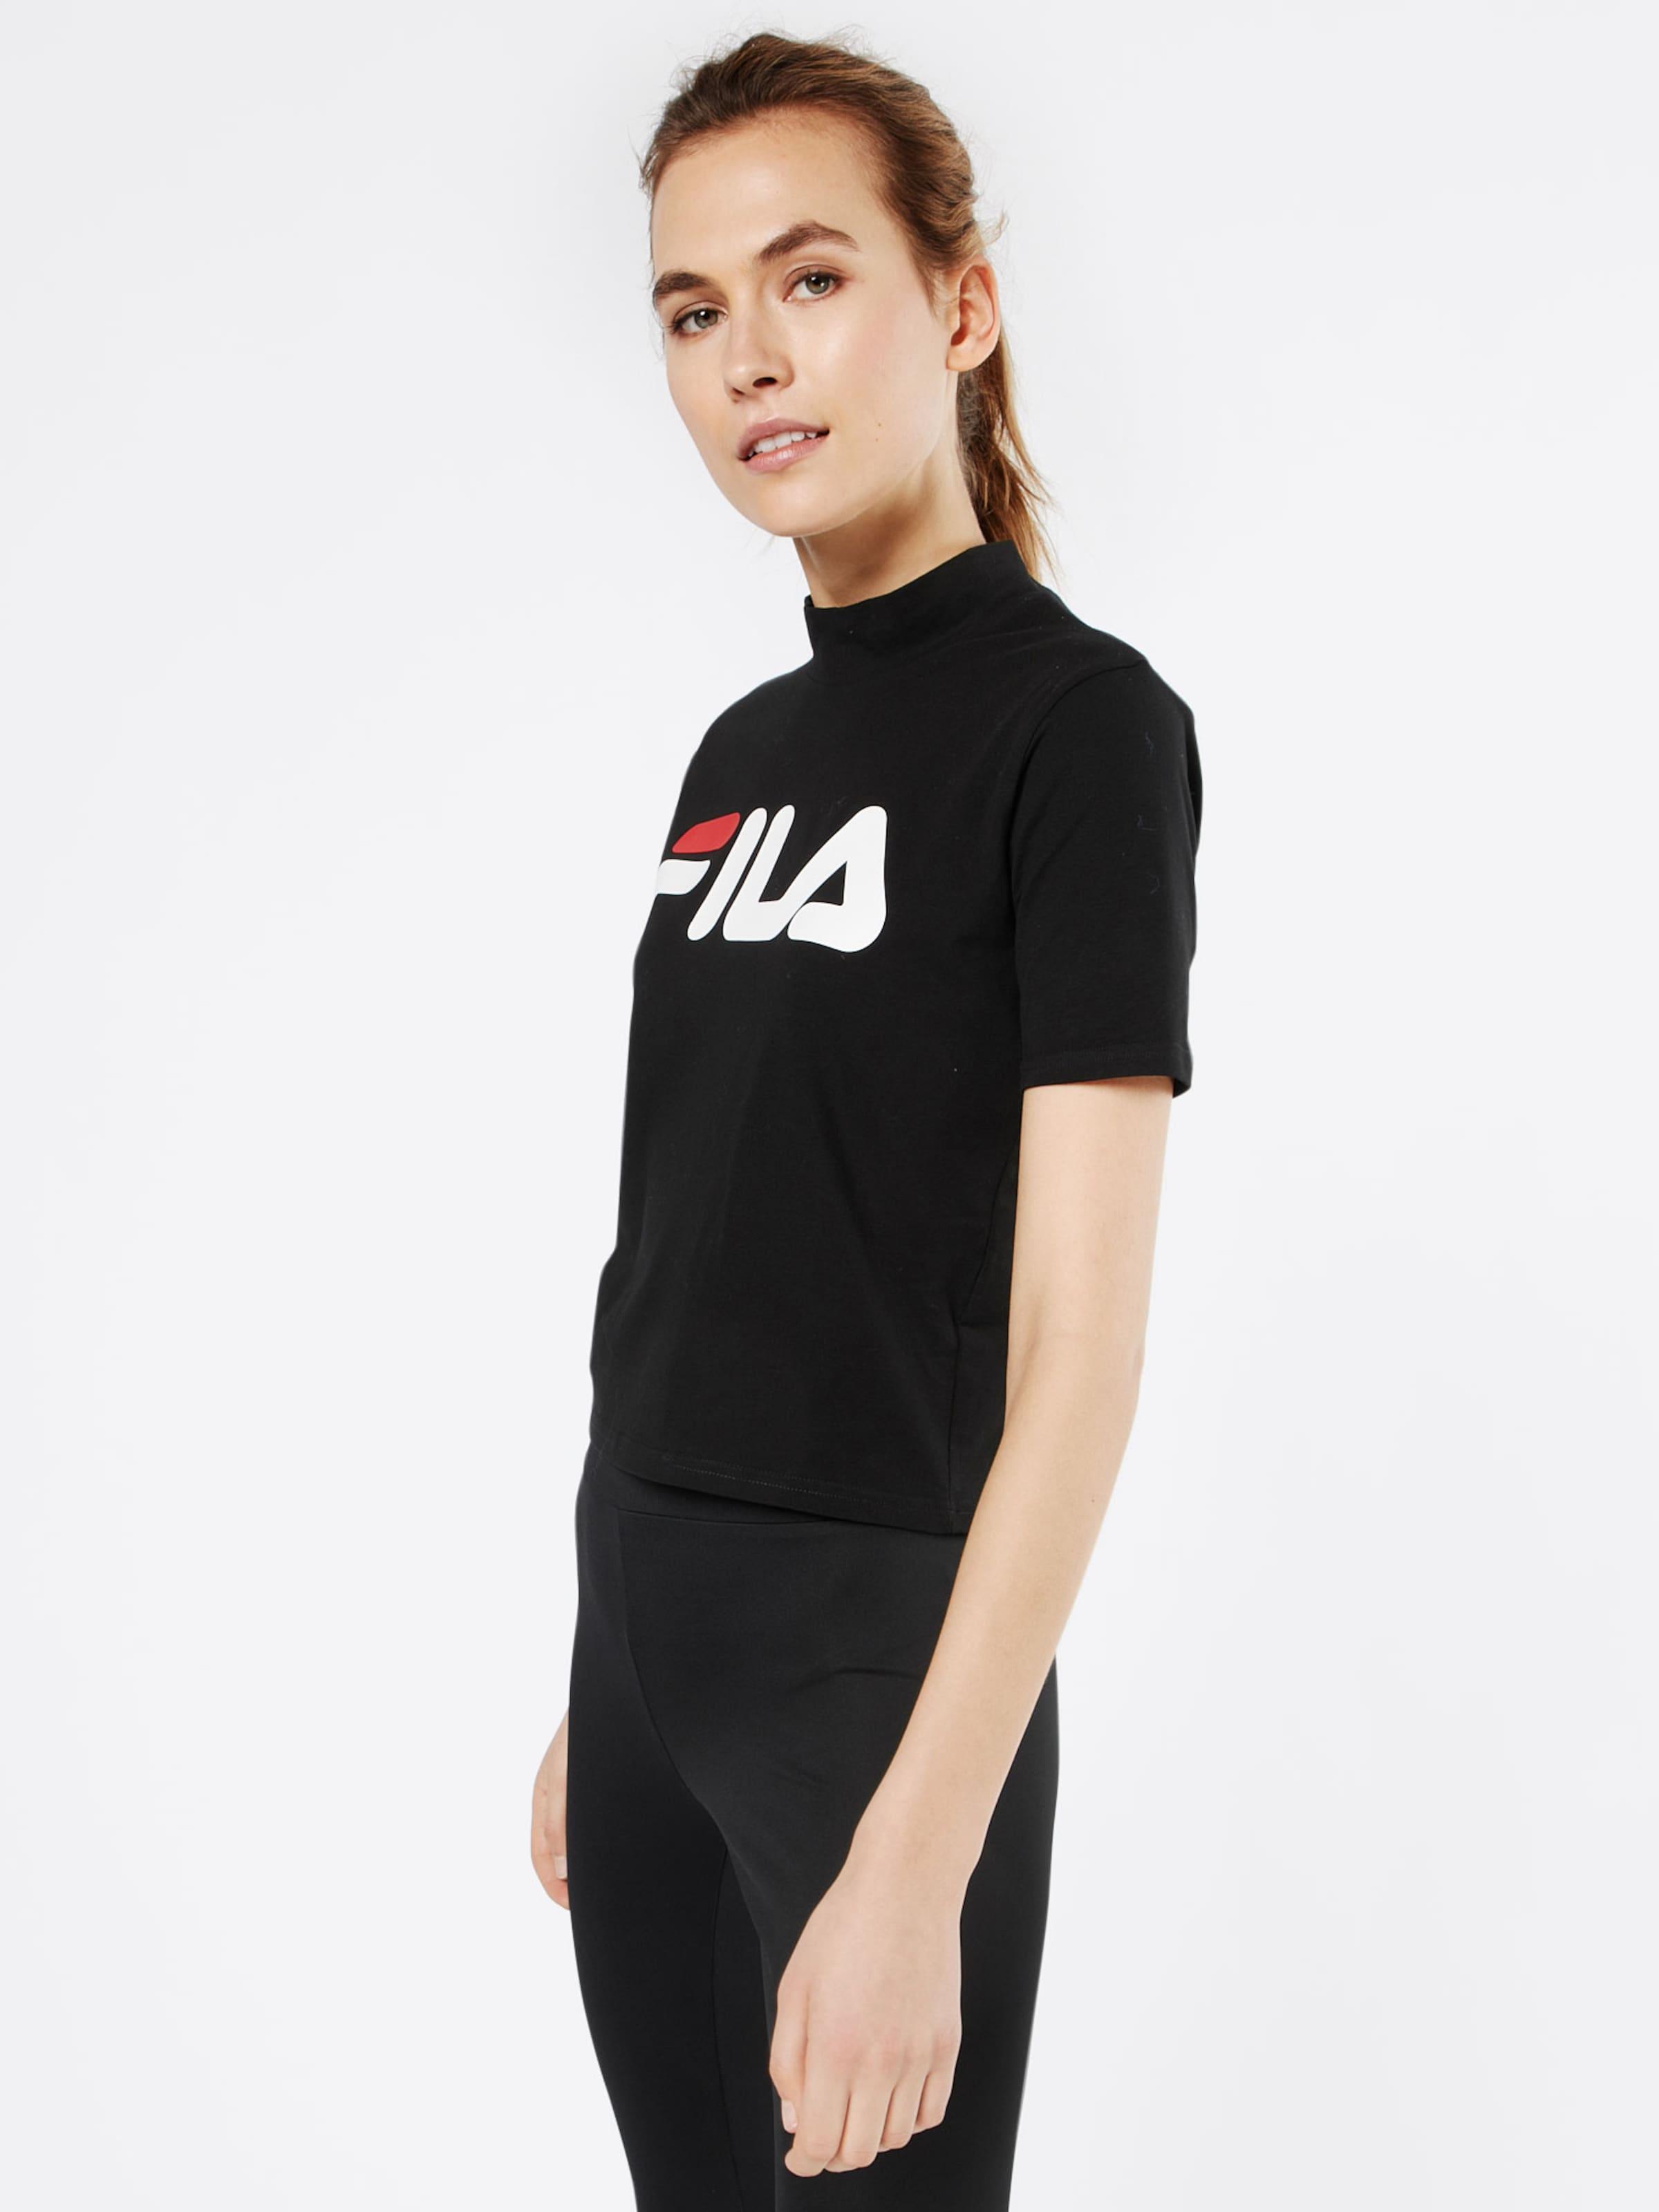 FILA Cropped Shirt mit Label-Print